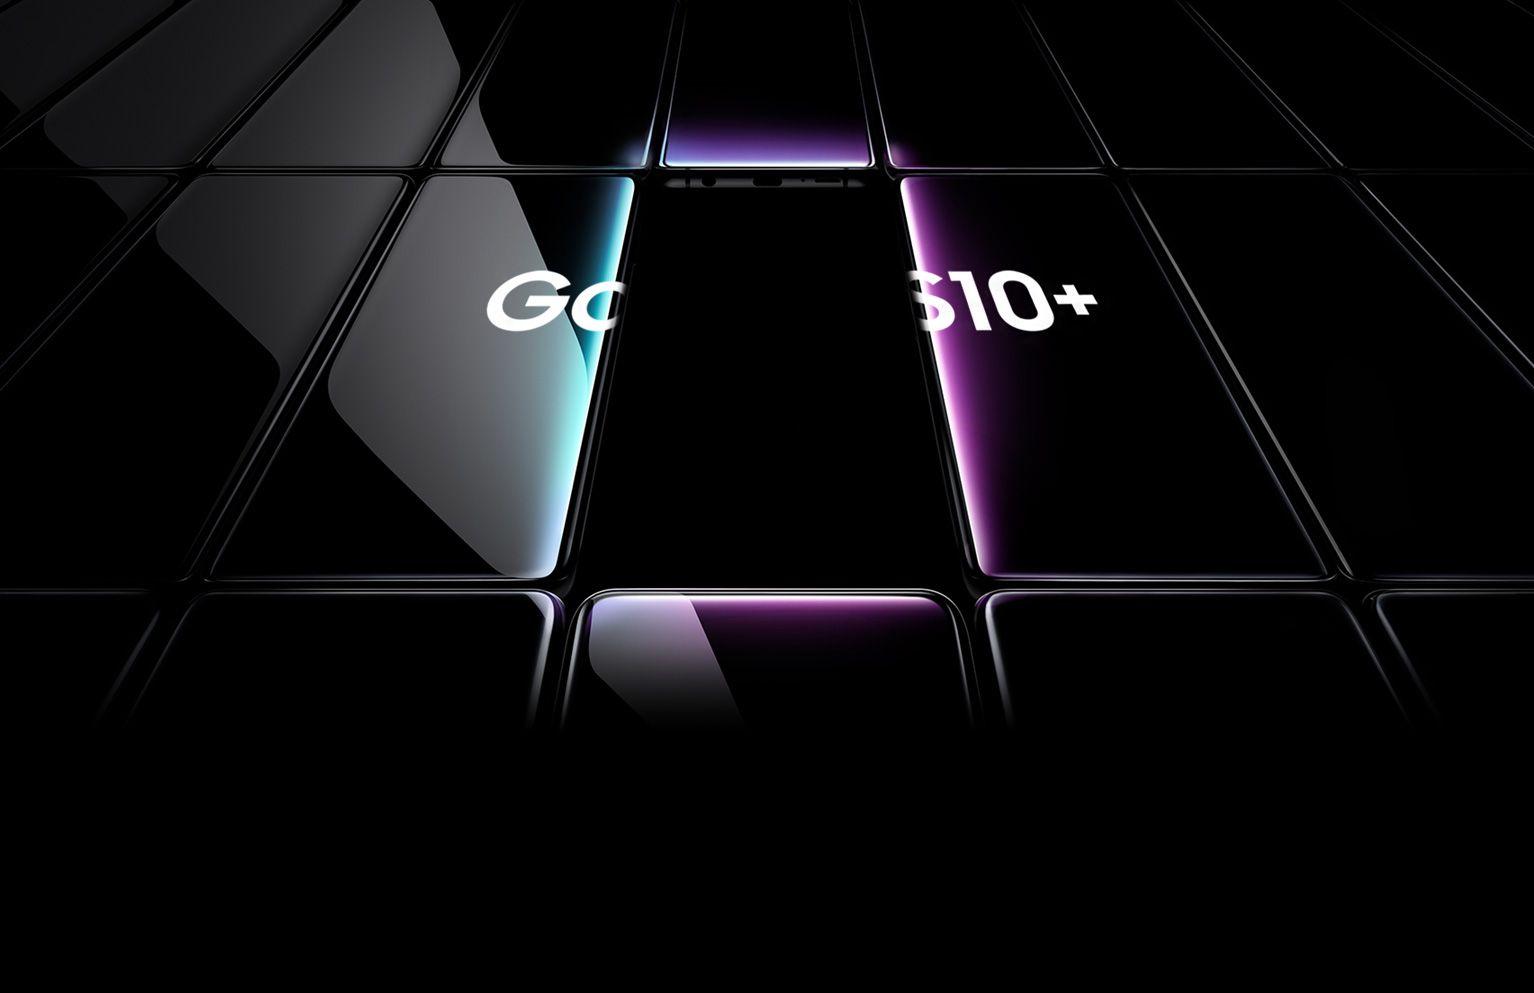 galaxy-s10_highlight_kv_s-1